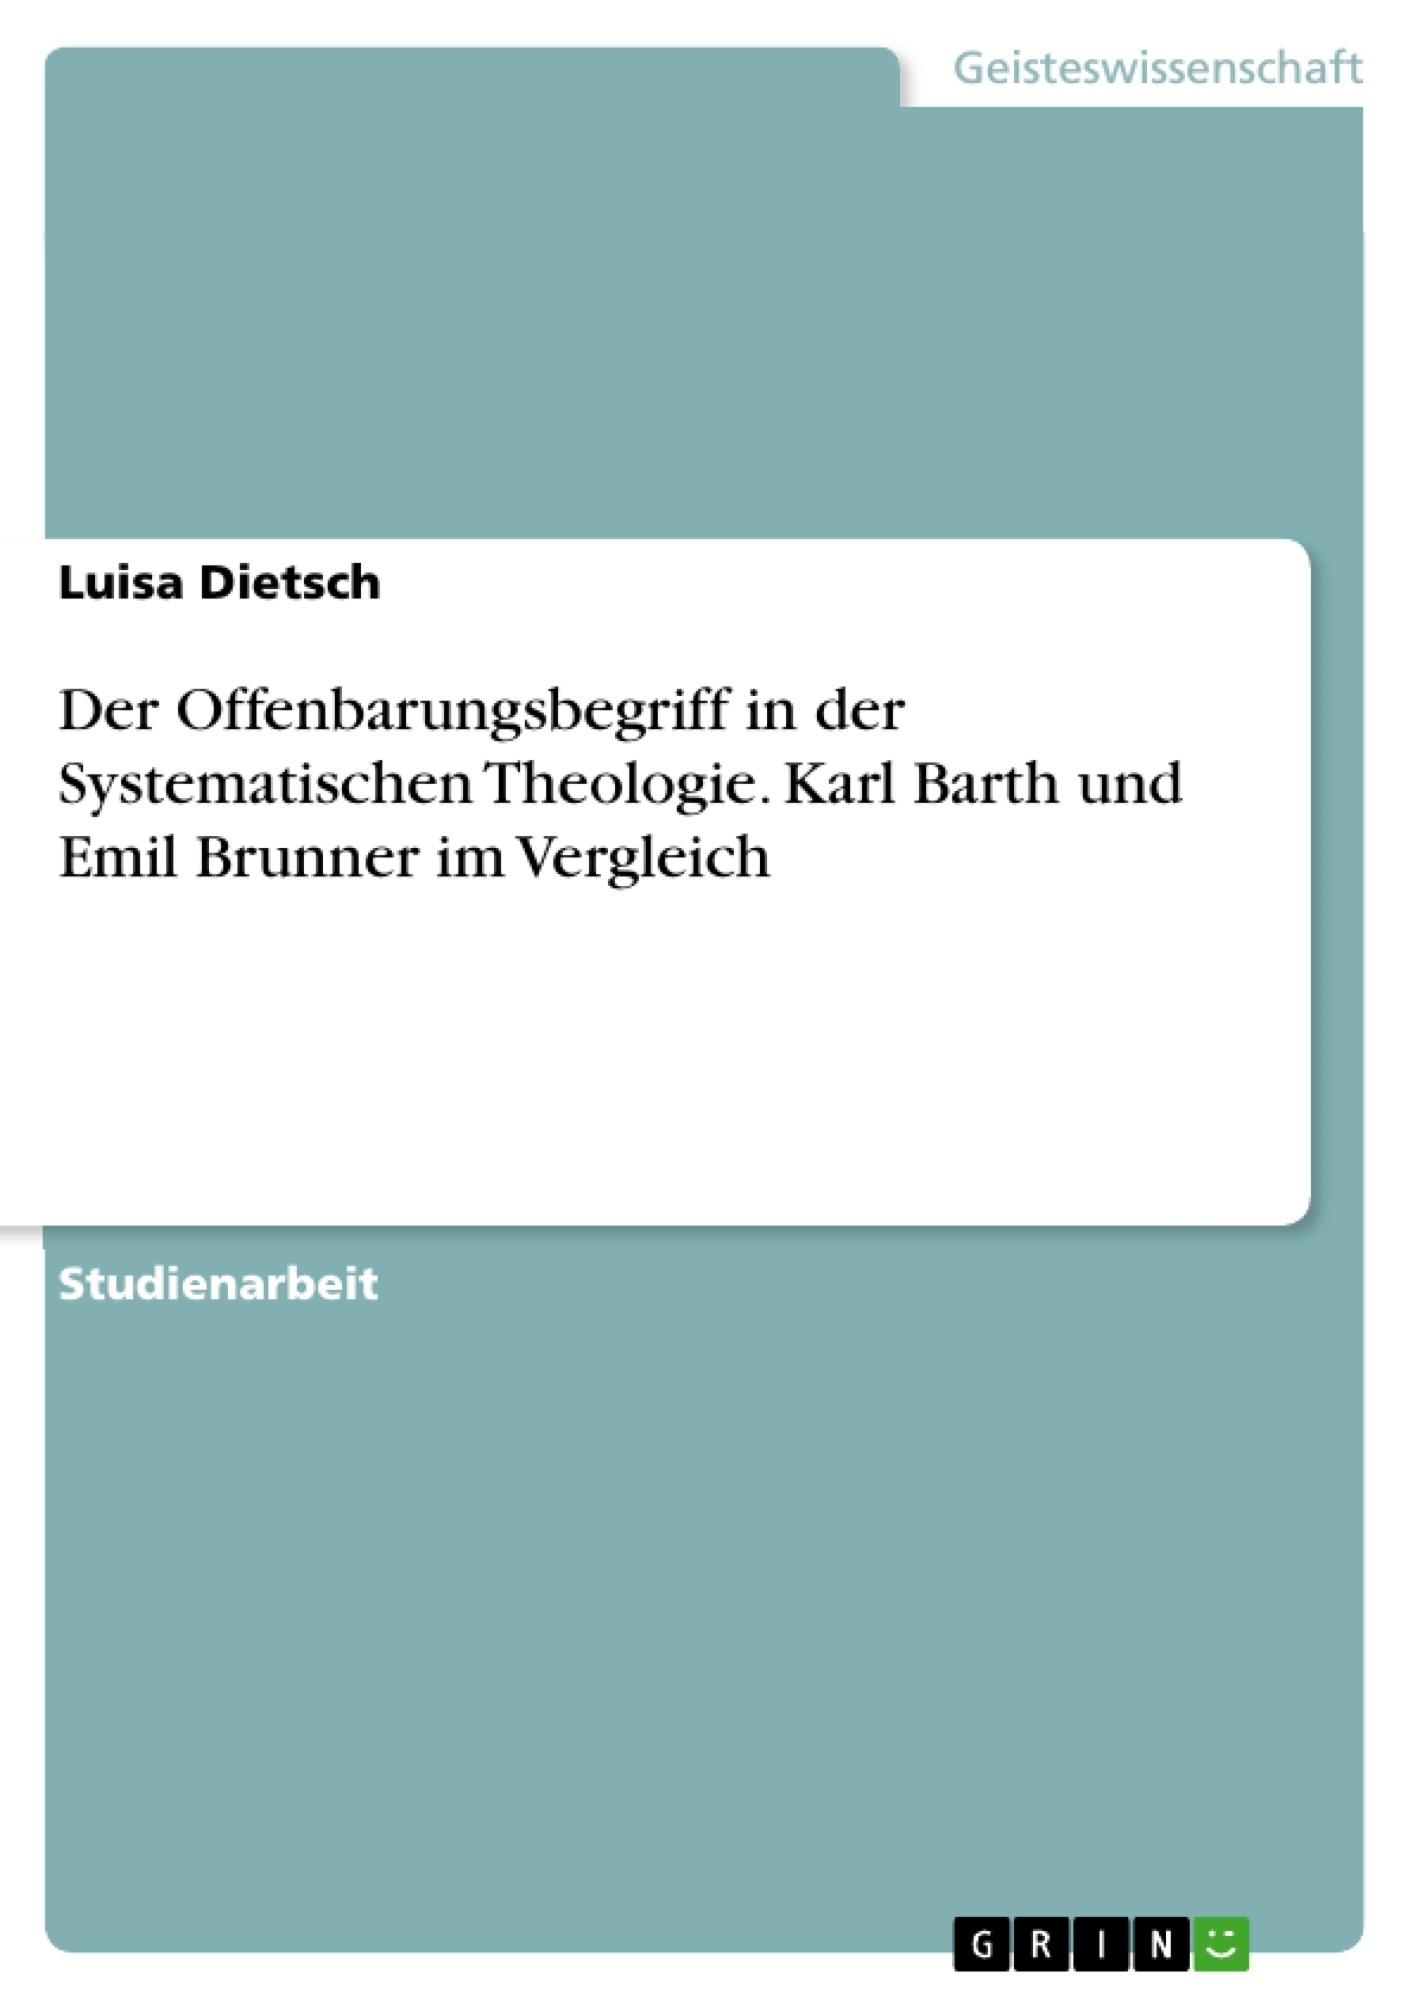 Titel: Der Offenbarungsbegriff in der Systematischen Theologie. Karl Barth und Emil Brunner im Vergleich